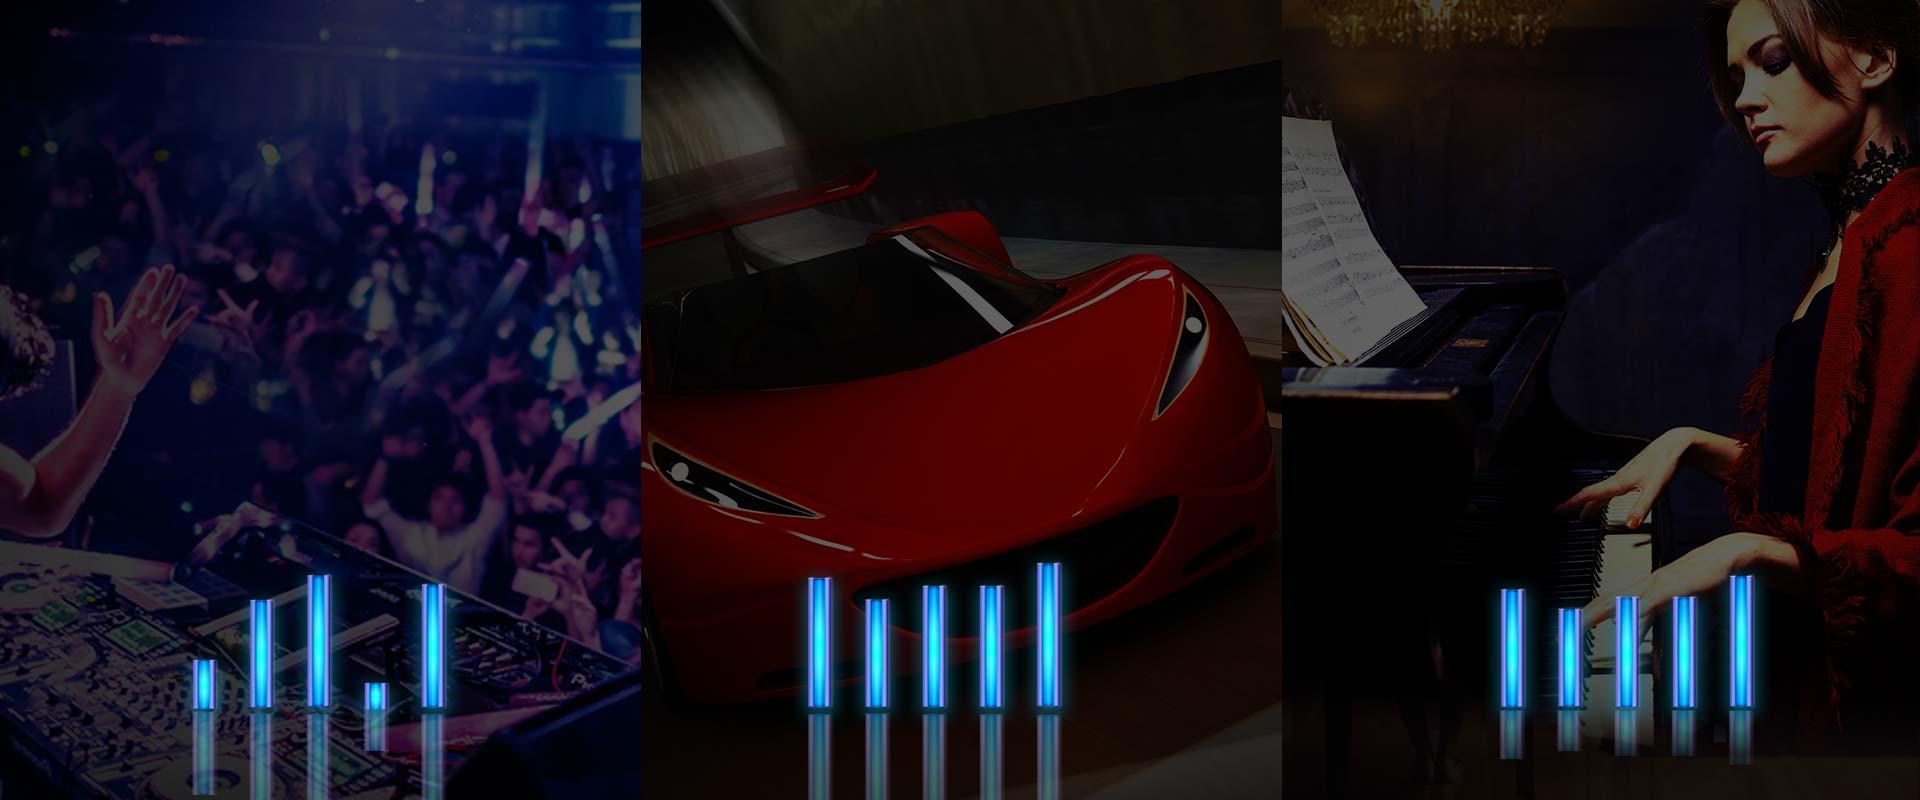 Smart tivi TCL43 inch L43S5200 TỰ ĐỘNG ĐIỀU CHỈNH ÂM LƯỢNG THEO LẬP TRÌNH